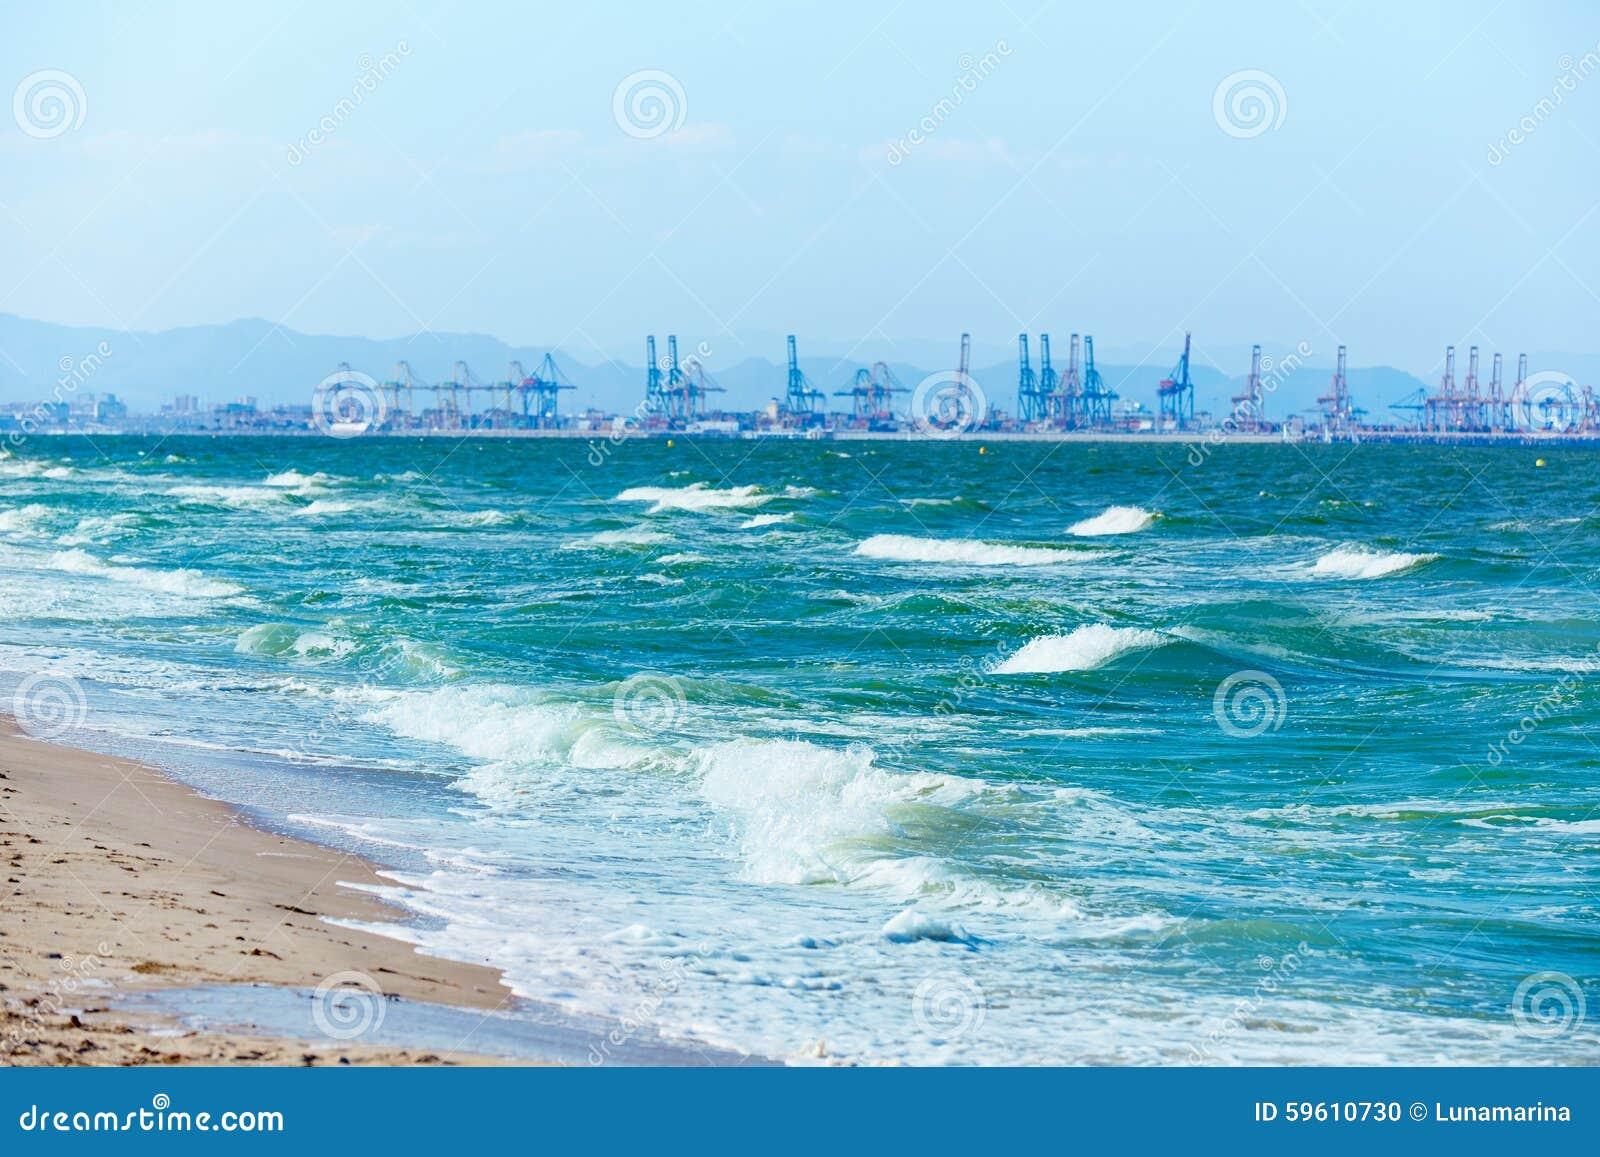 Spiaggia di valencia del el saler con il fondo del porto for Spiaggia malvarrosa valencia